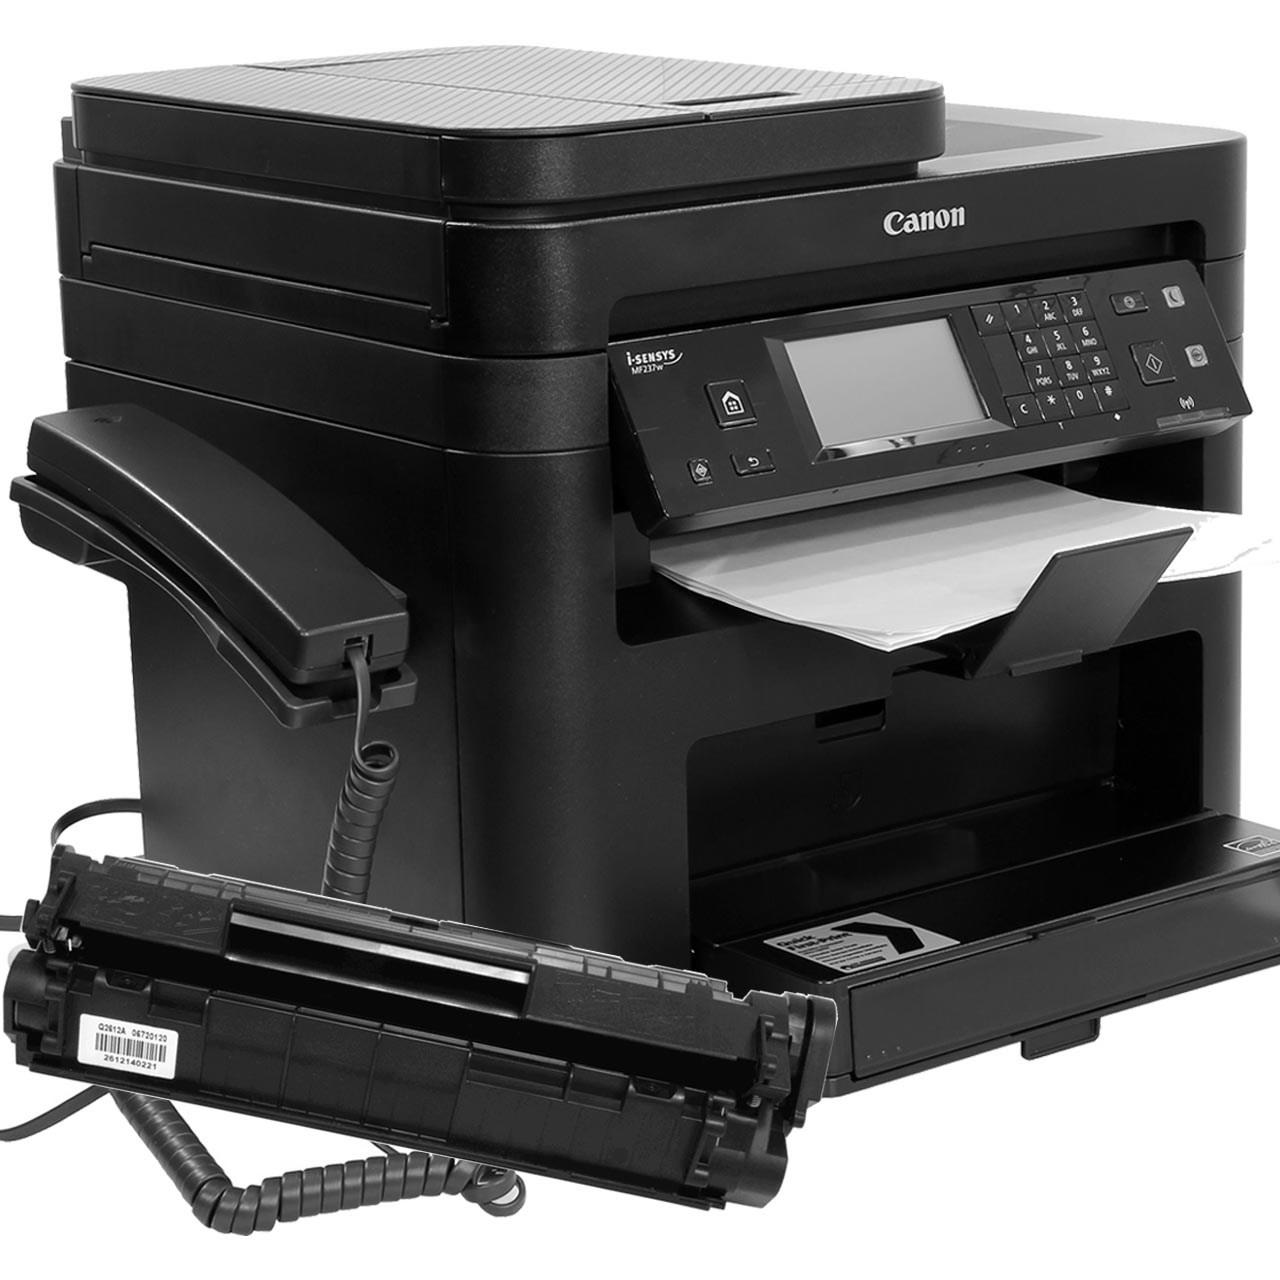 خرید پرینتر لیزری چندکاره کانن مدل imageCLASS MF236n به همراه تونر اضافه